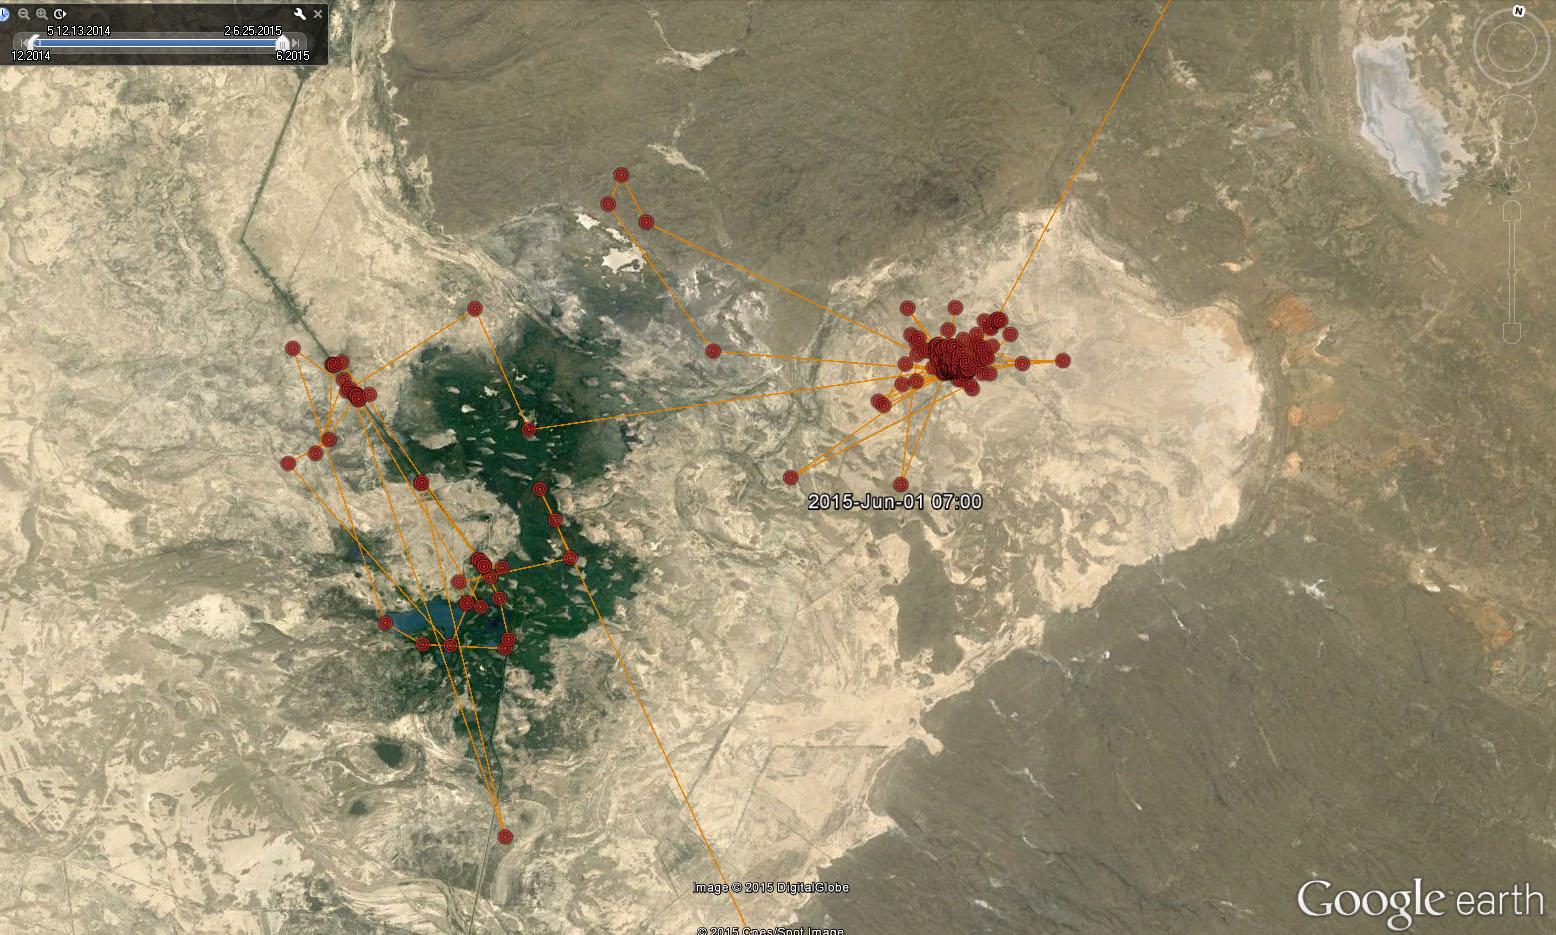 Перемещения Клангуши с 20 апреля по 13 июня 2015 г. в районе Теликоля